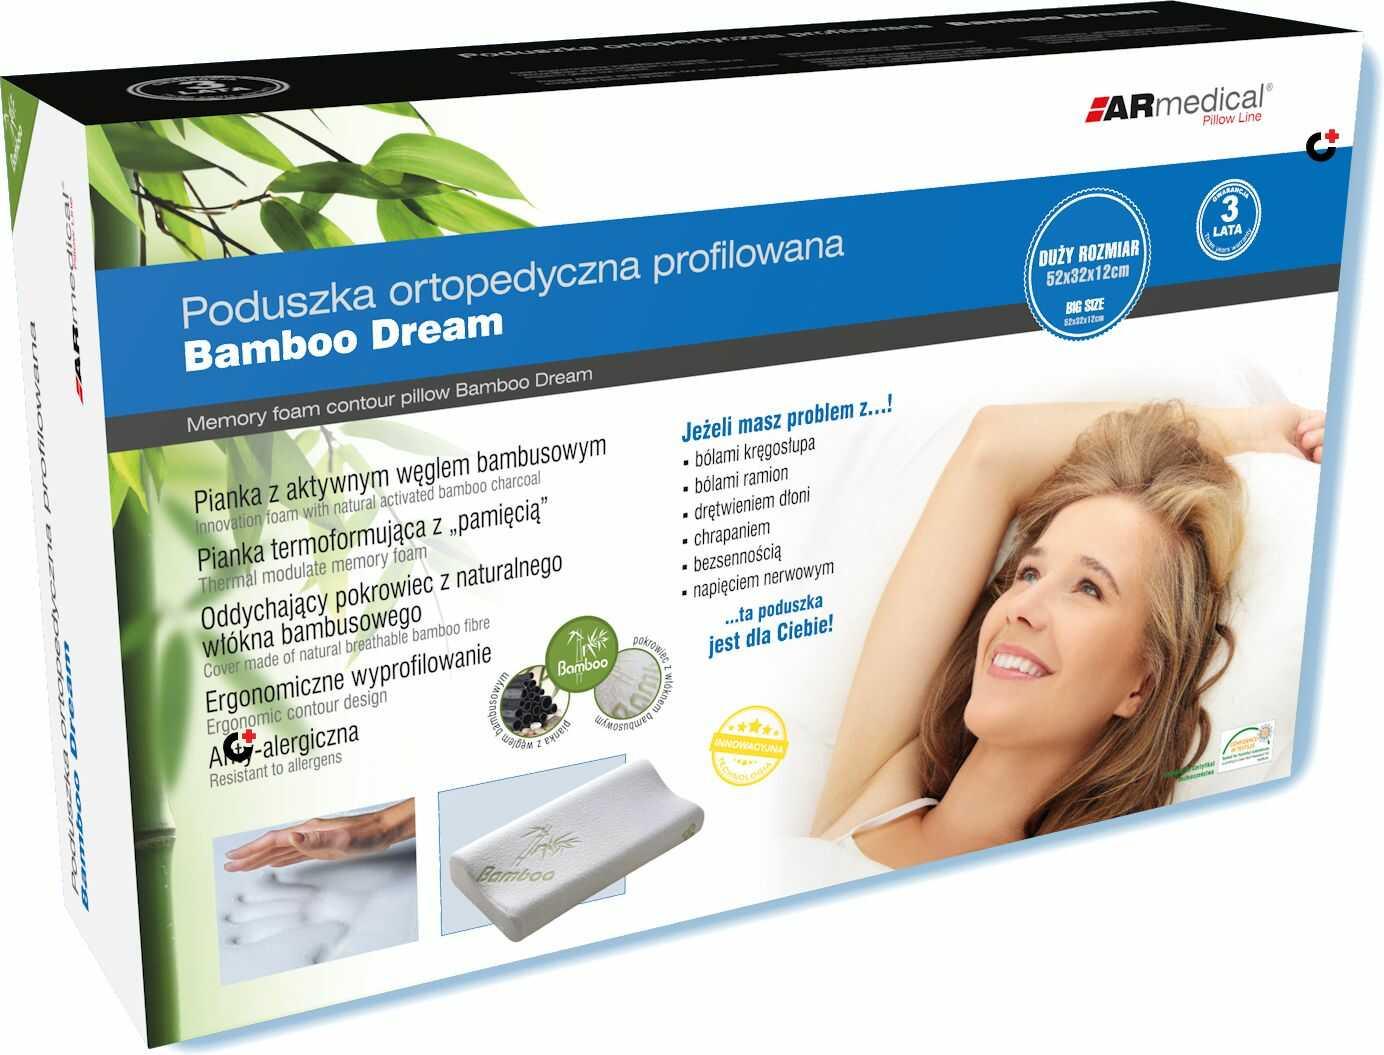 DUŻA Bambusowa - HYPOALERGICZNA poduszka ortopedyczna z PAMIĘCIĄ (mfp-5232)